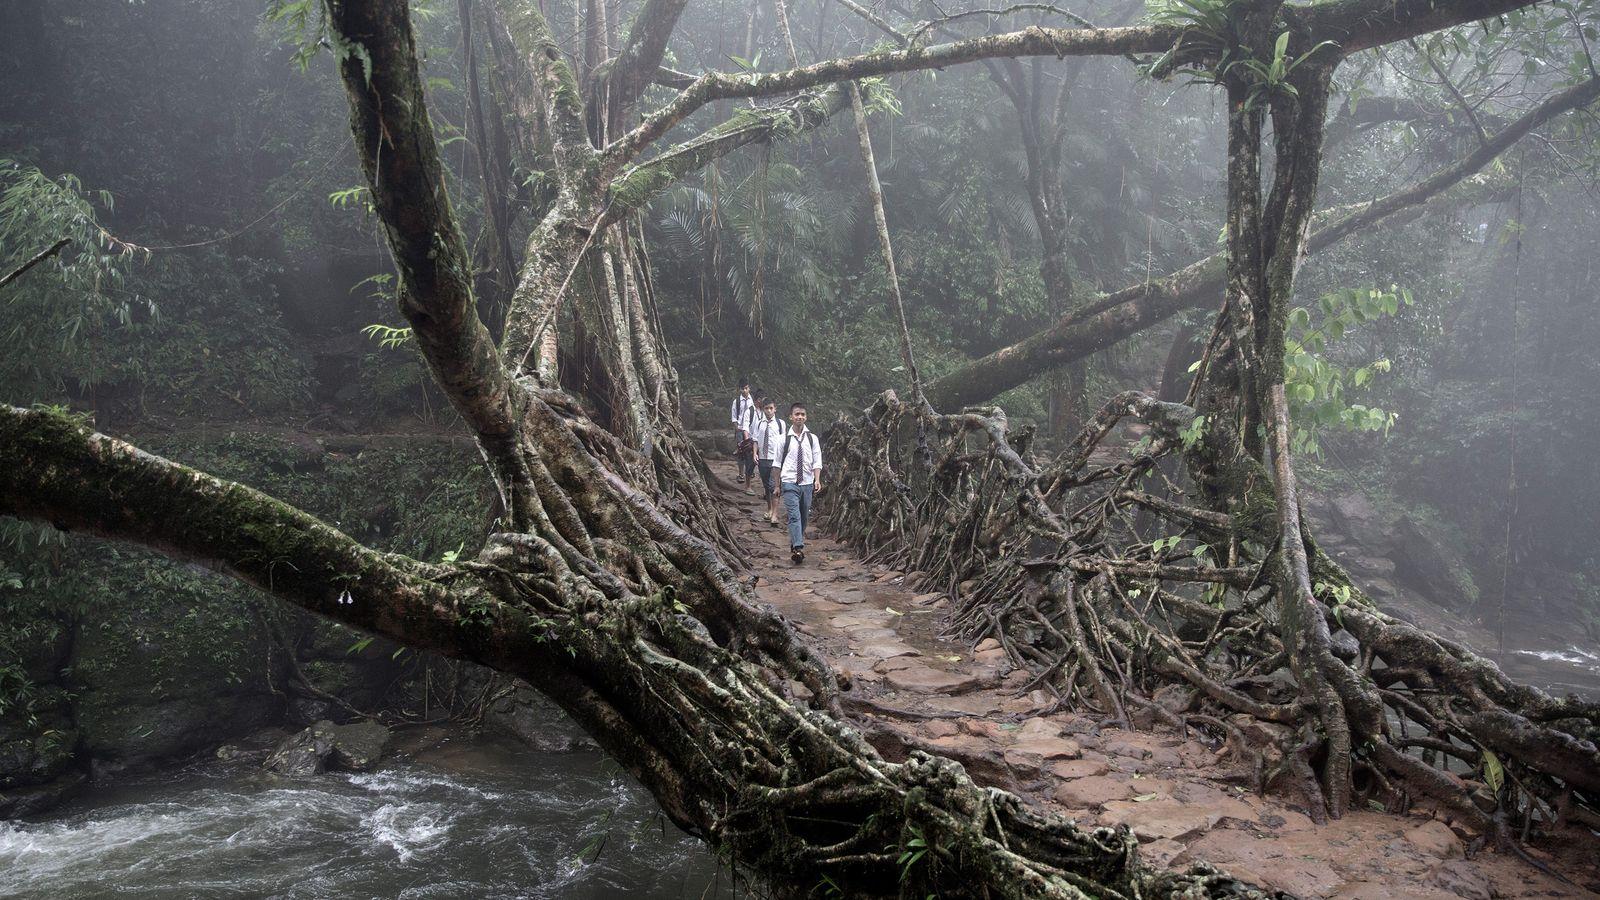 criancas-vao-para-a-escola-pontes-de-raizes-vivas-india